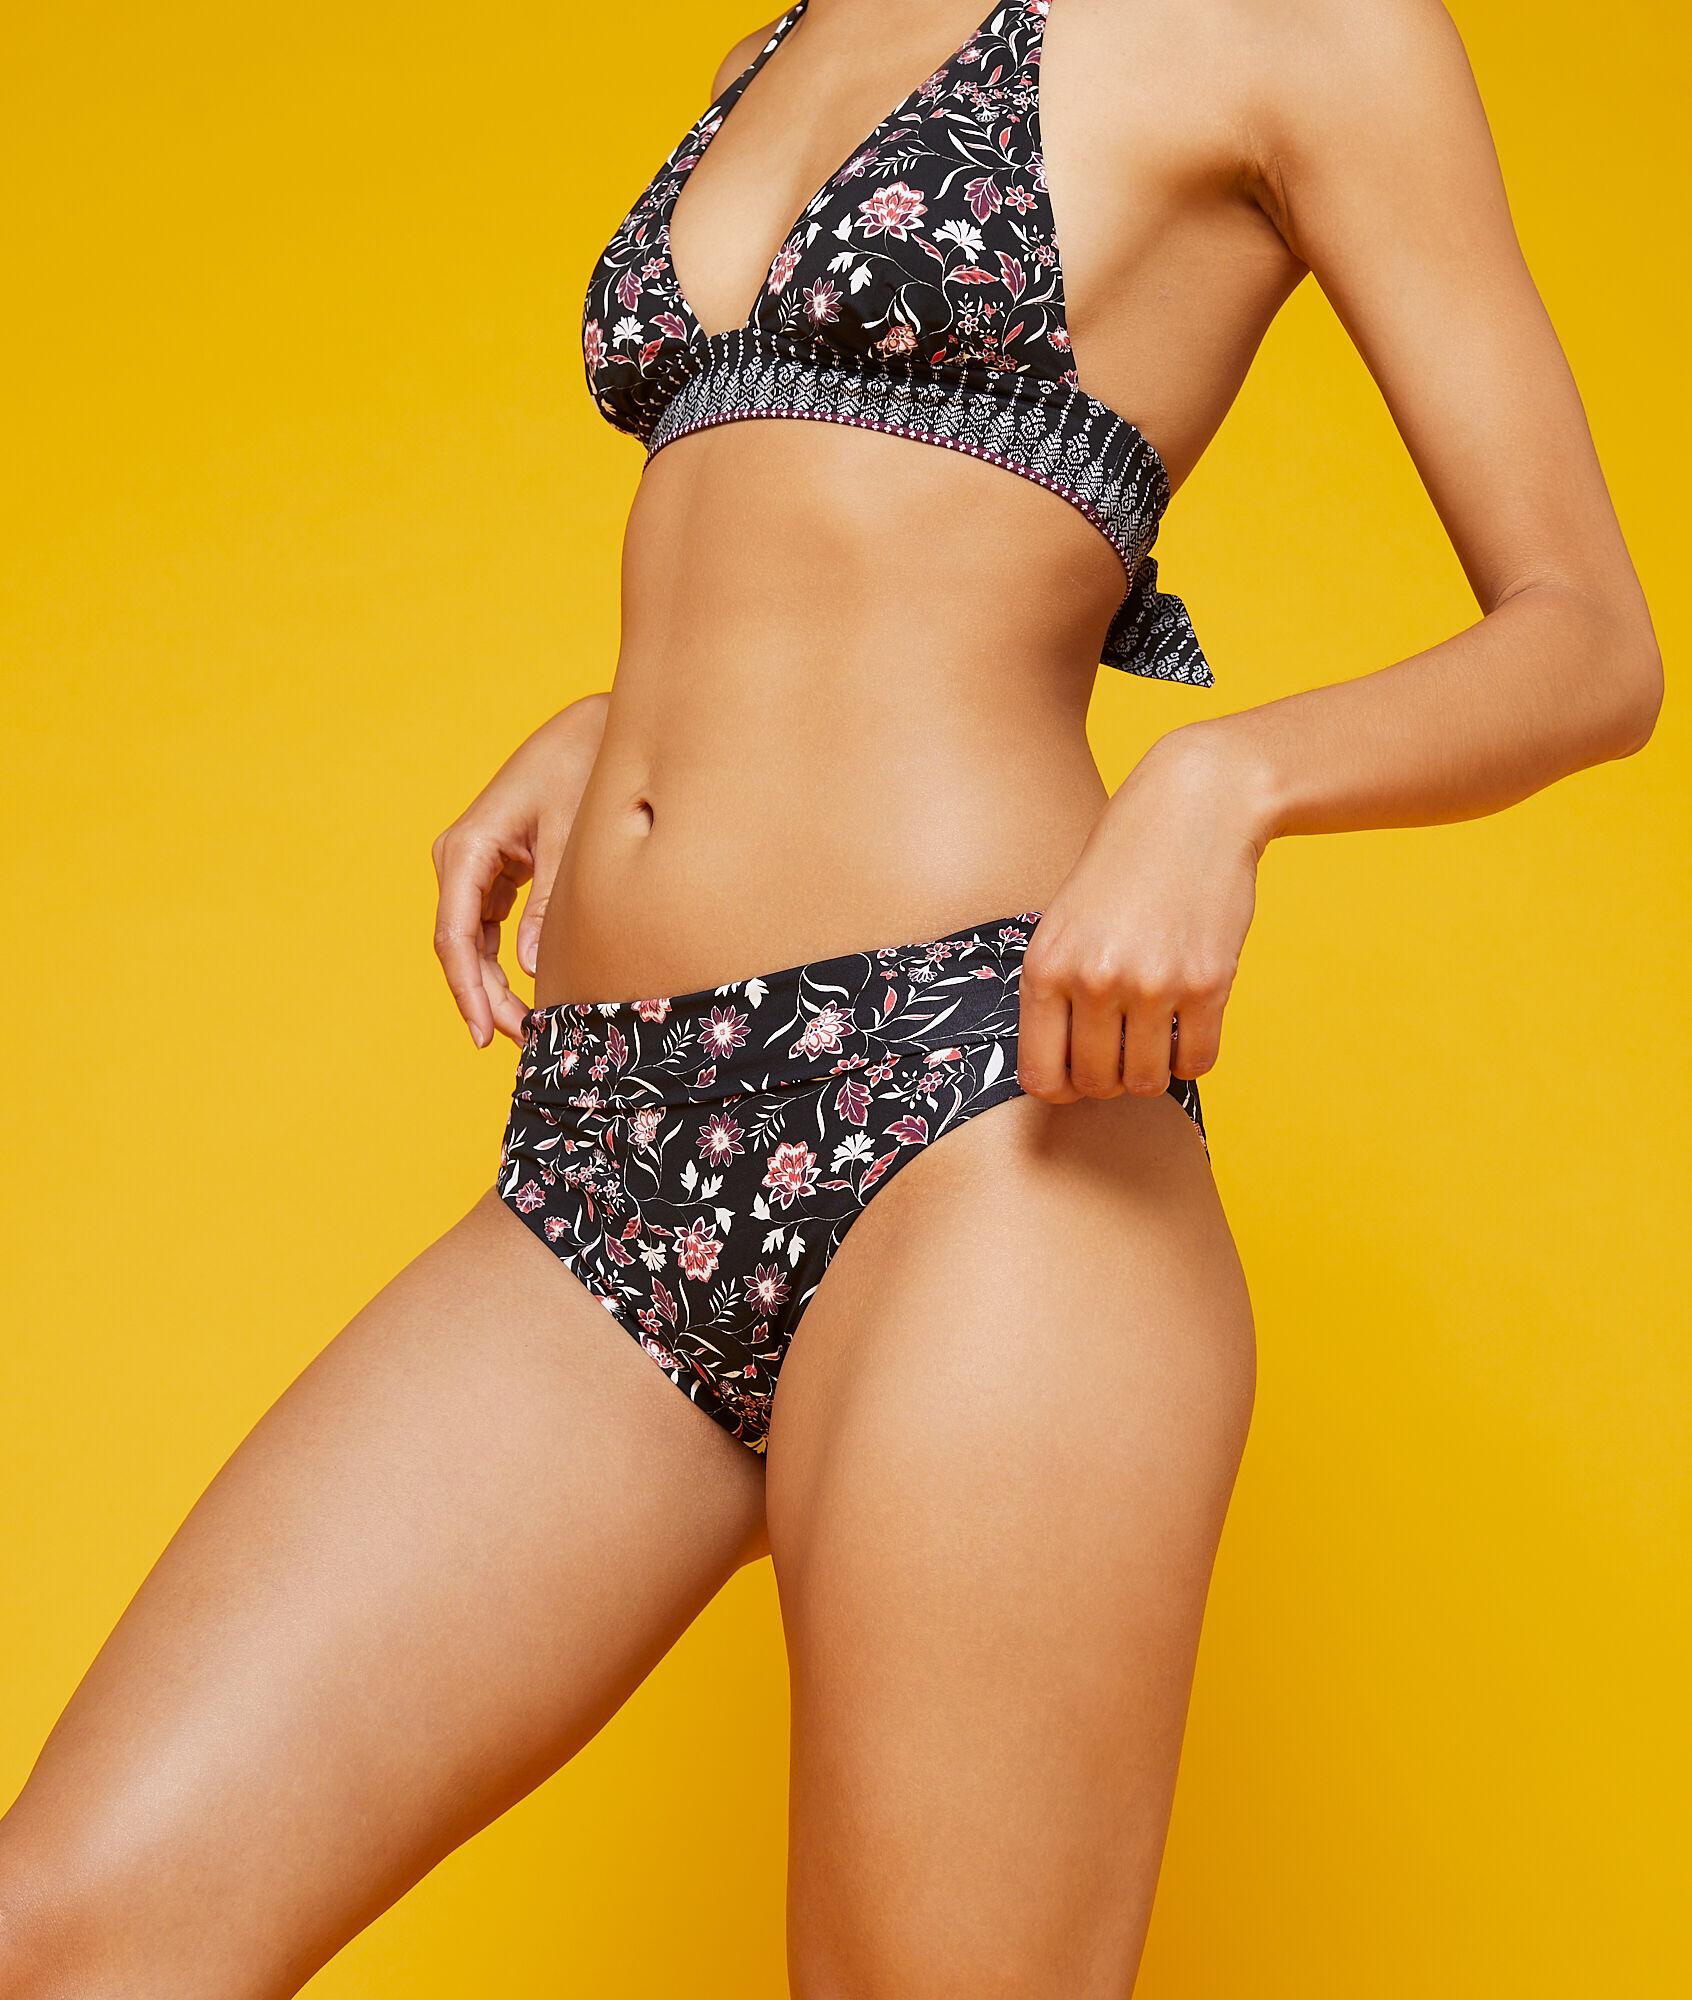 KILLIAN Dół bikini z wielopozycyjnym stanem, deseń w kwiaty